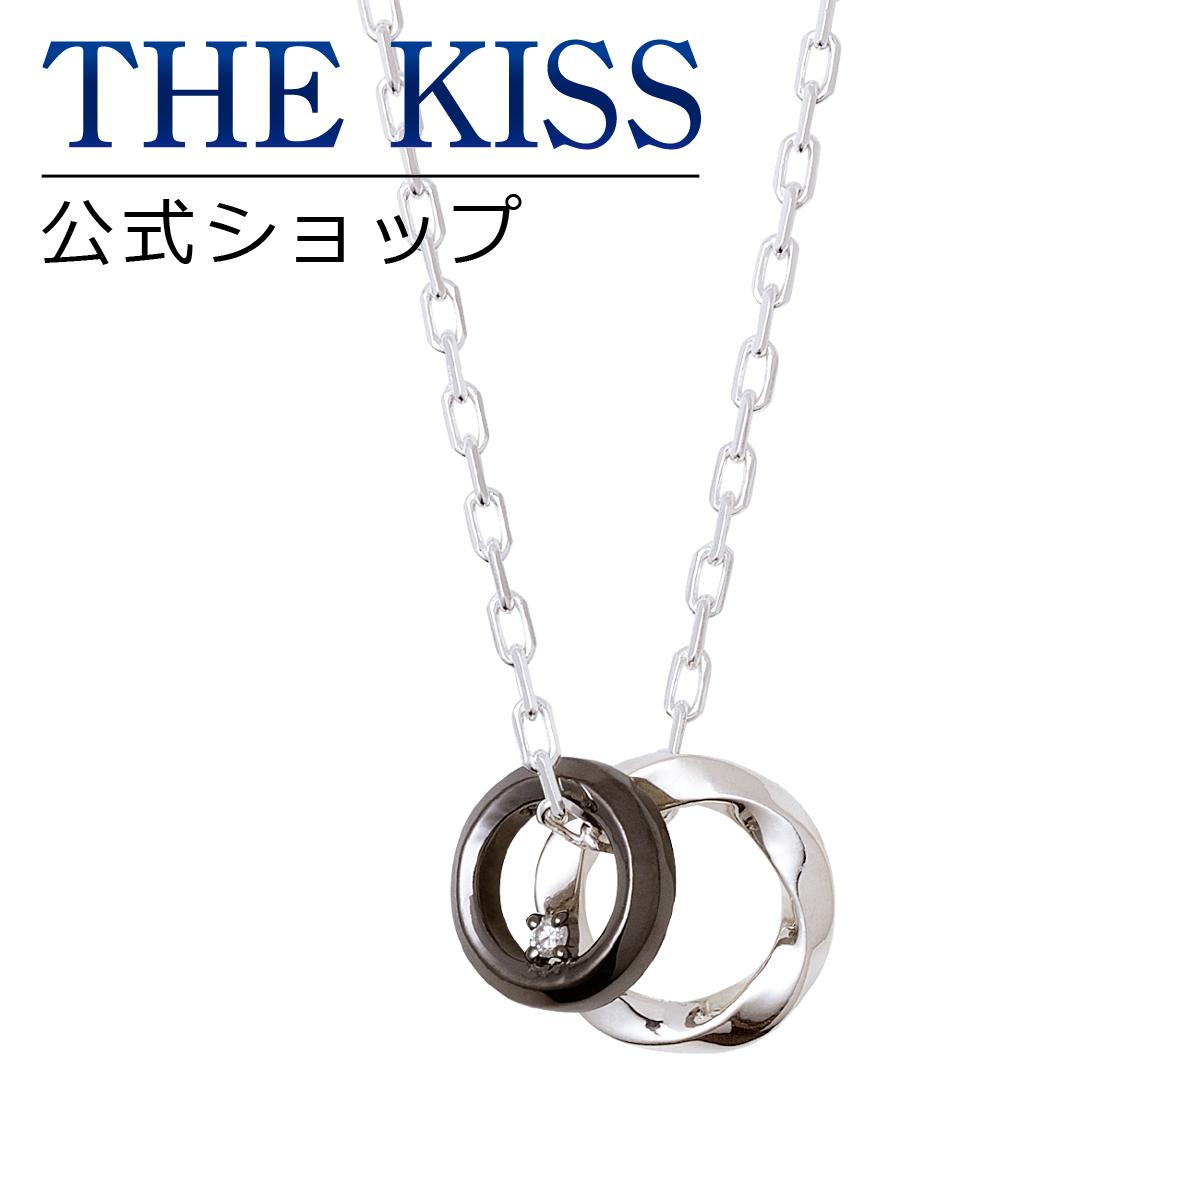 【あす楽対応】THE KISS 公式サイト シルバー ペアネックレス (メンズ 単品) ペアアクセサリー カップル に 人気 の ジュエリーブランド THEKISS ペア ネックレス・ペンダント 記念日 プレゼント SPD1864DM ザキス 【送料無料】